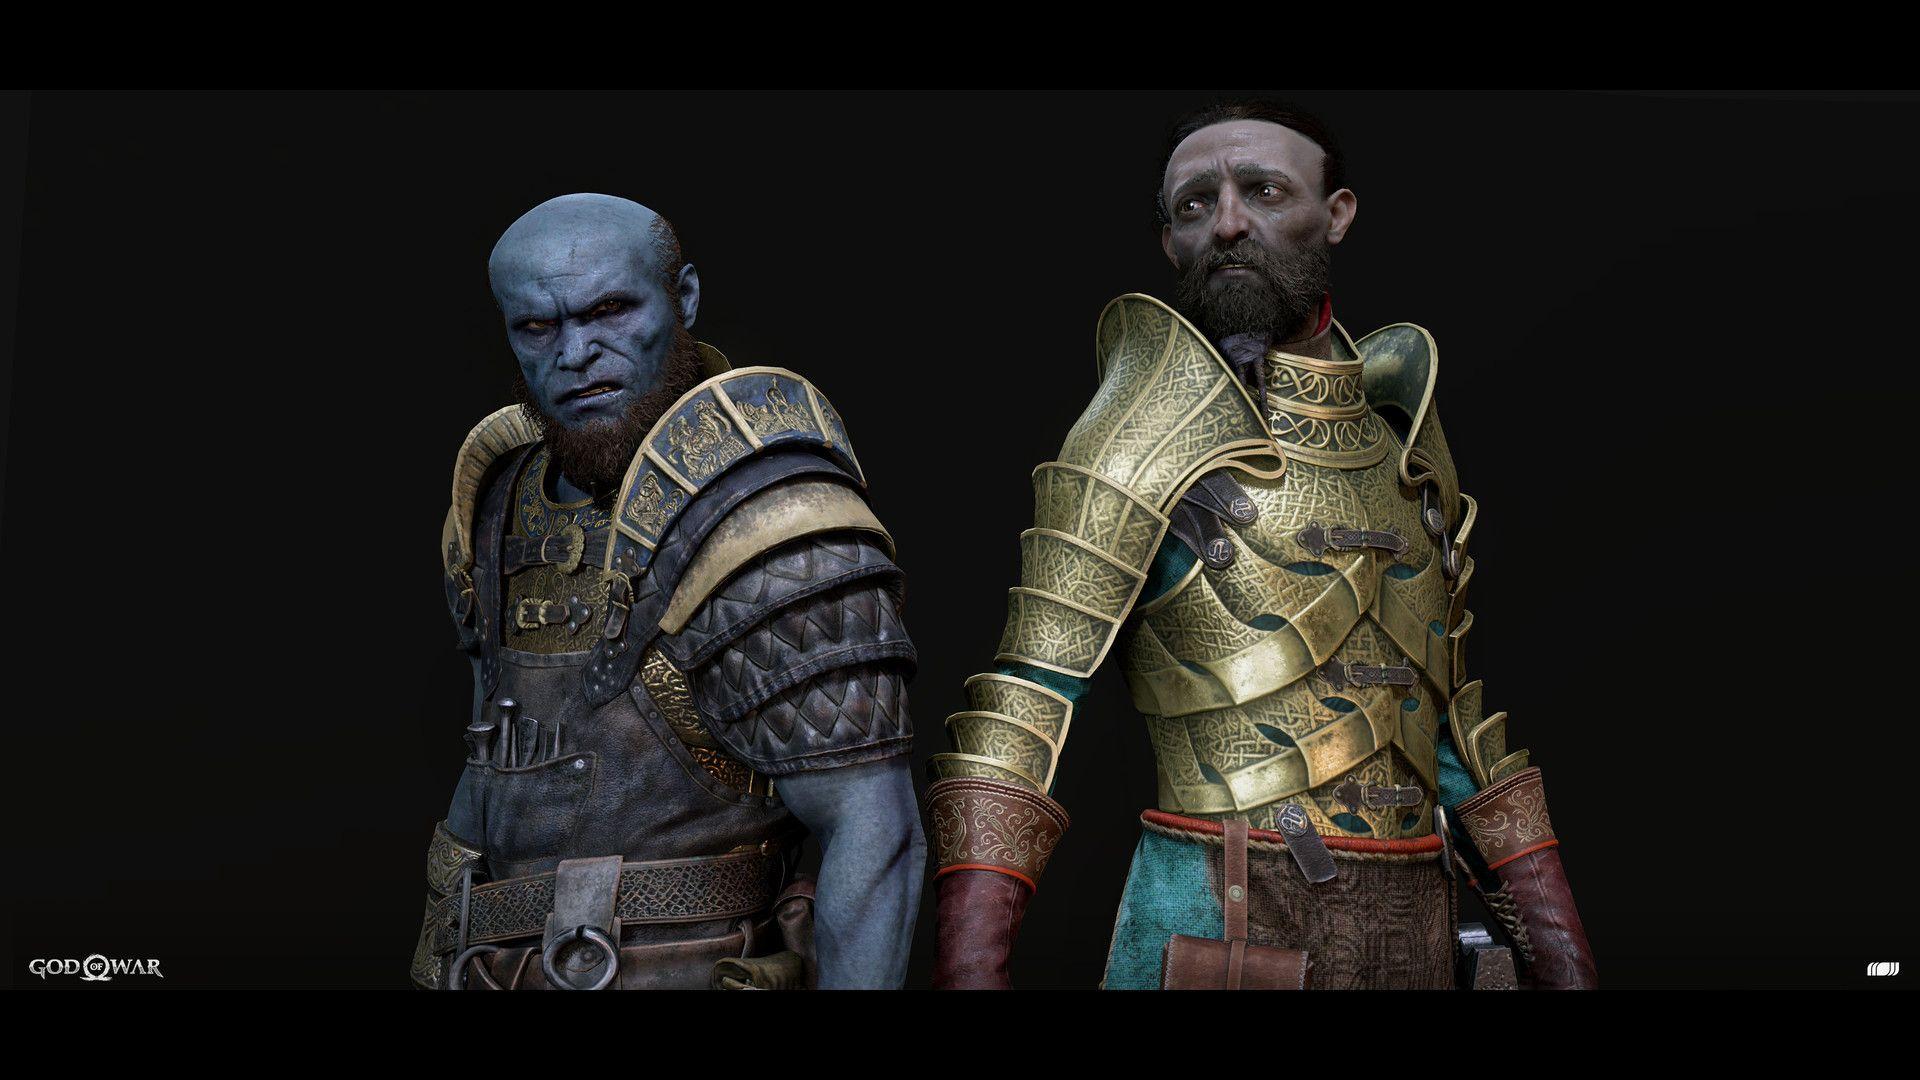 Huldra Brothers (God of War)